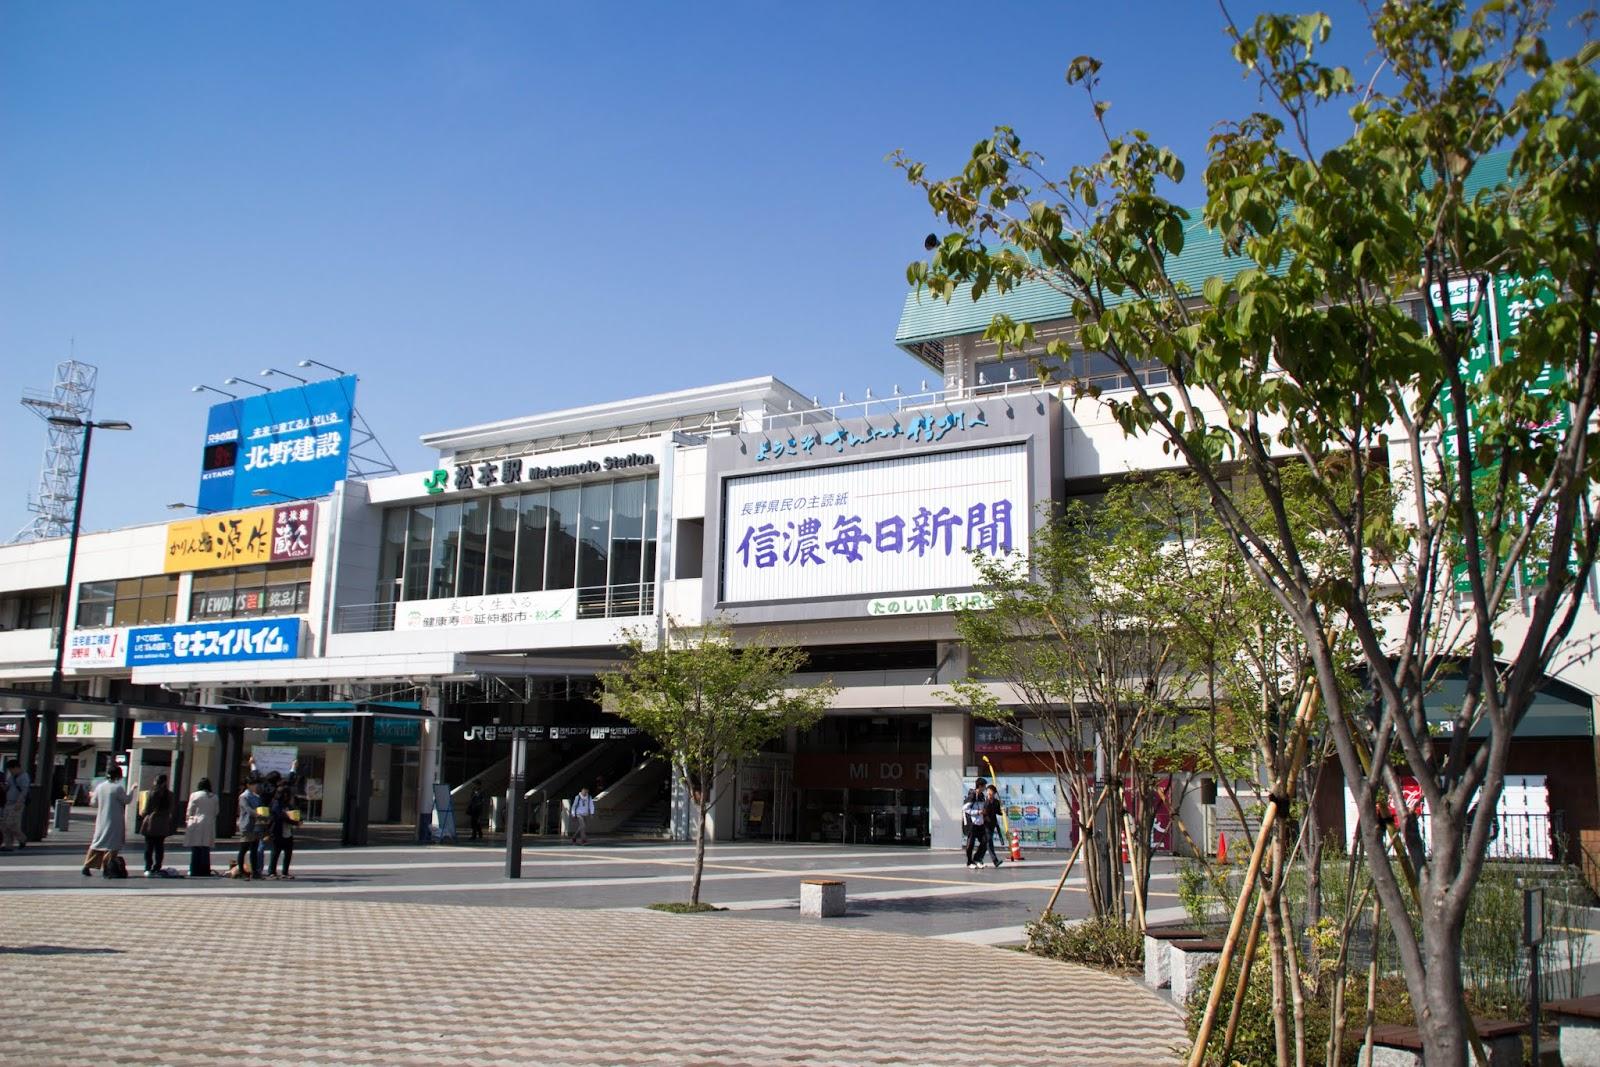 8:57 松本駅到着